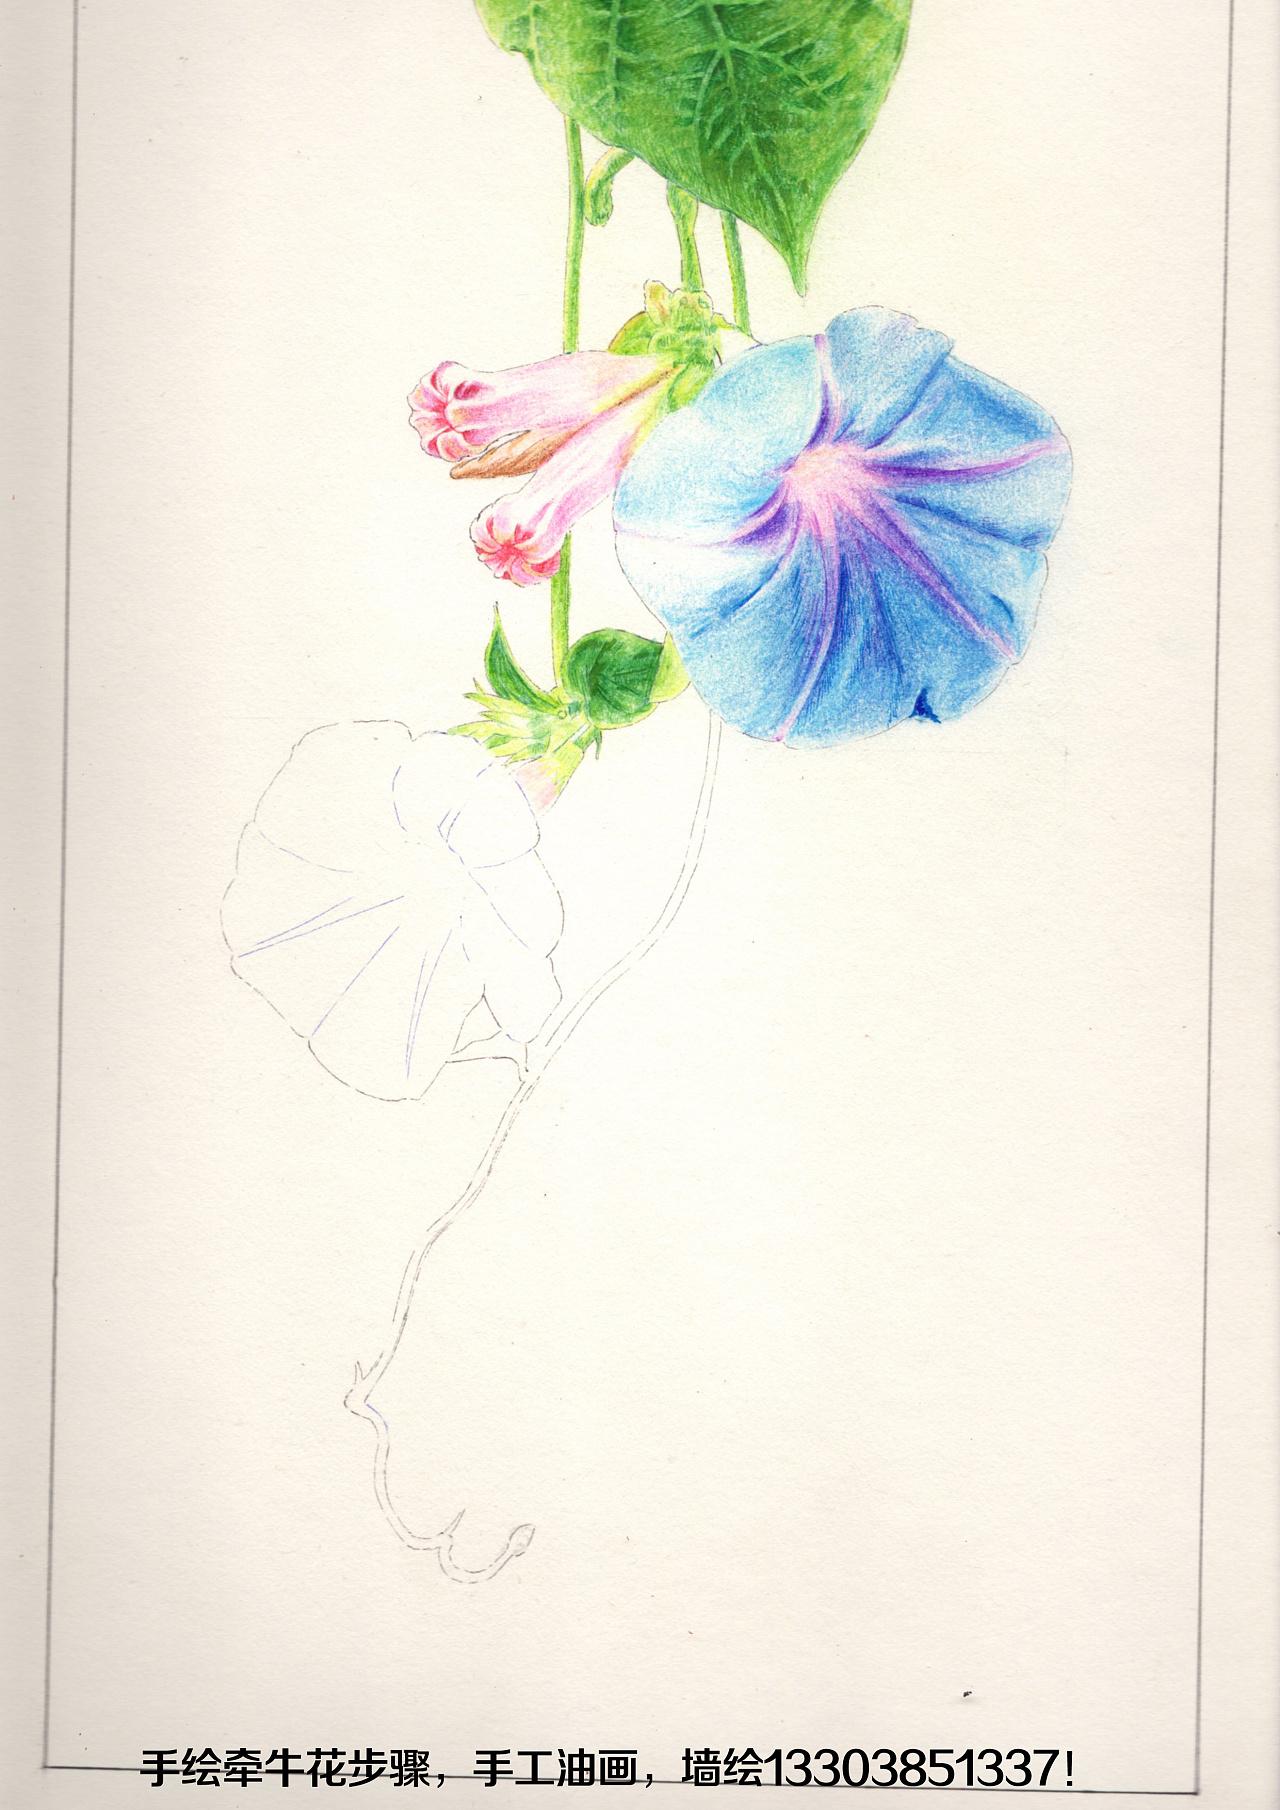 手绘牵牛花步骤|纯艺术|彩铅|简一 - 原创作品 - 站酷